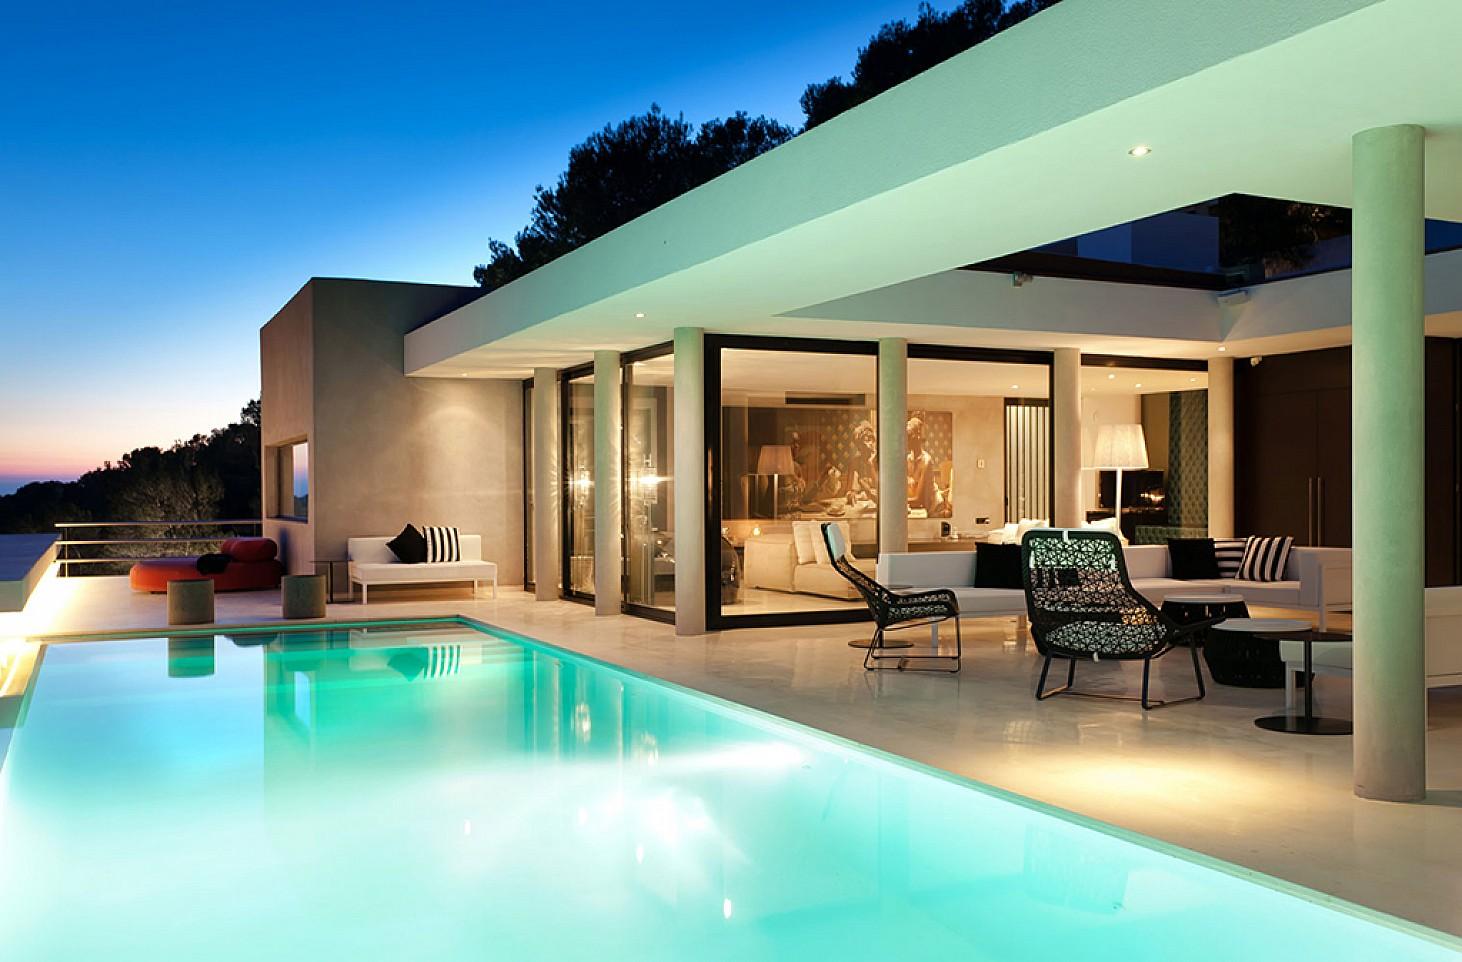 Piscina de lujosa villa con maravillosas vistas en alquiler en Ibiza